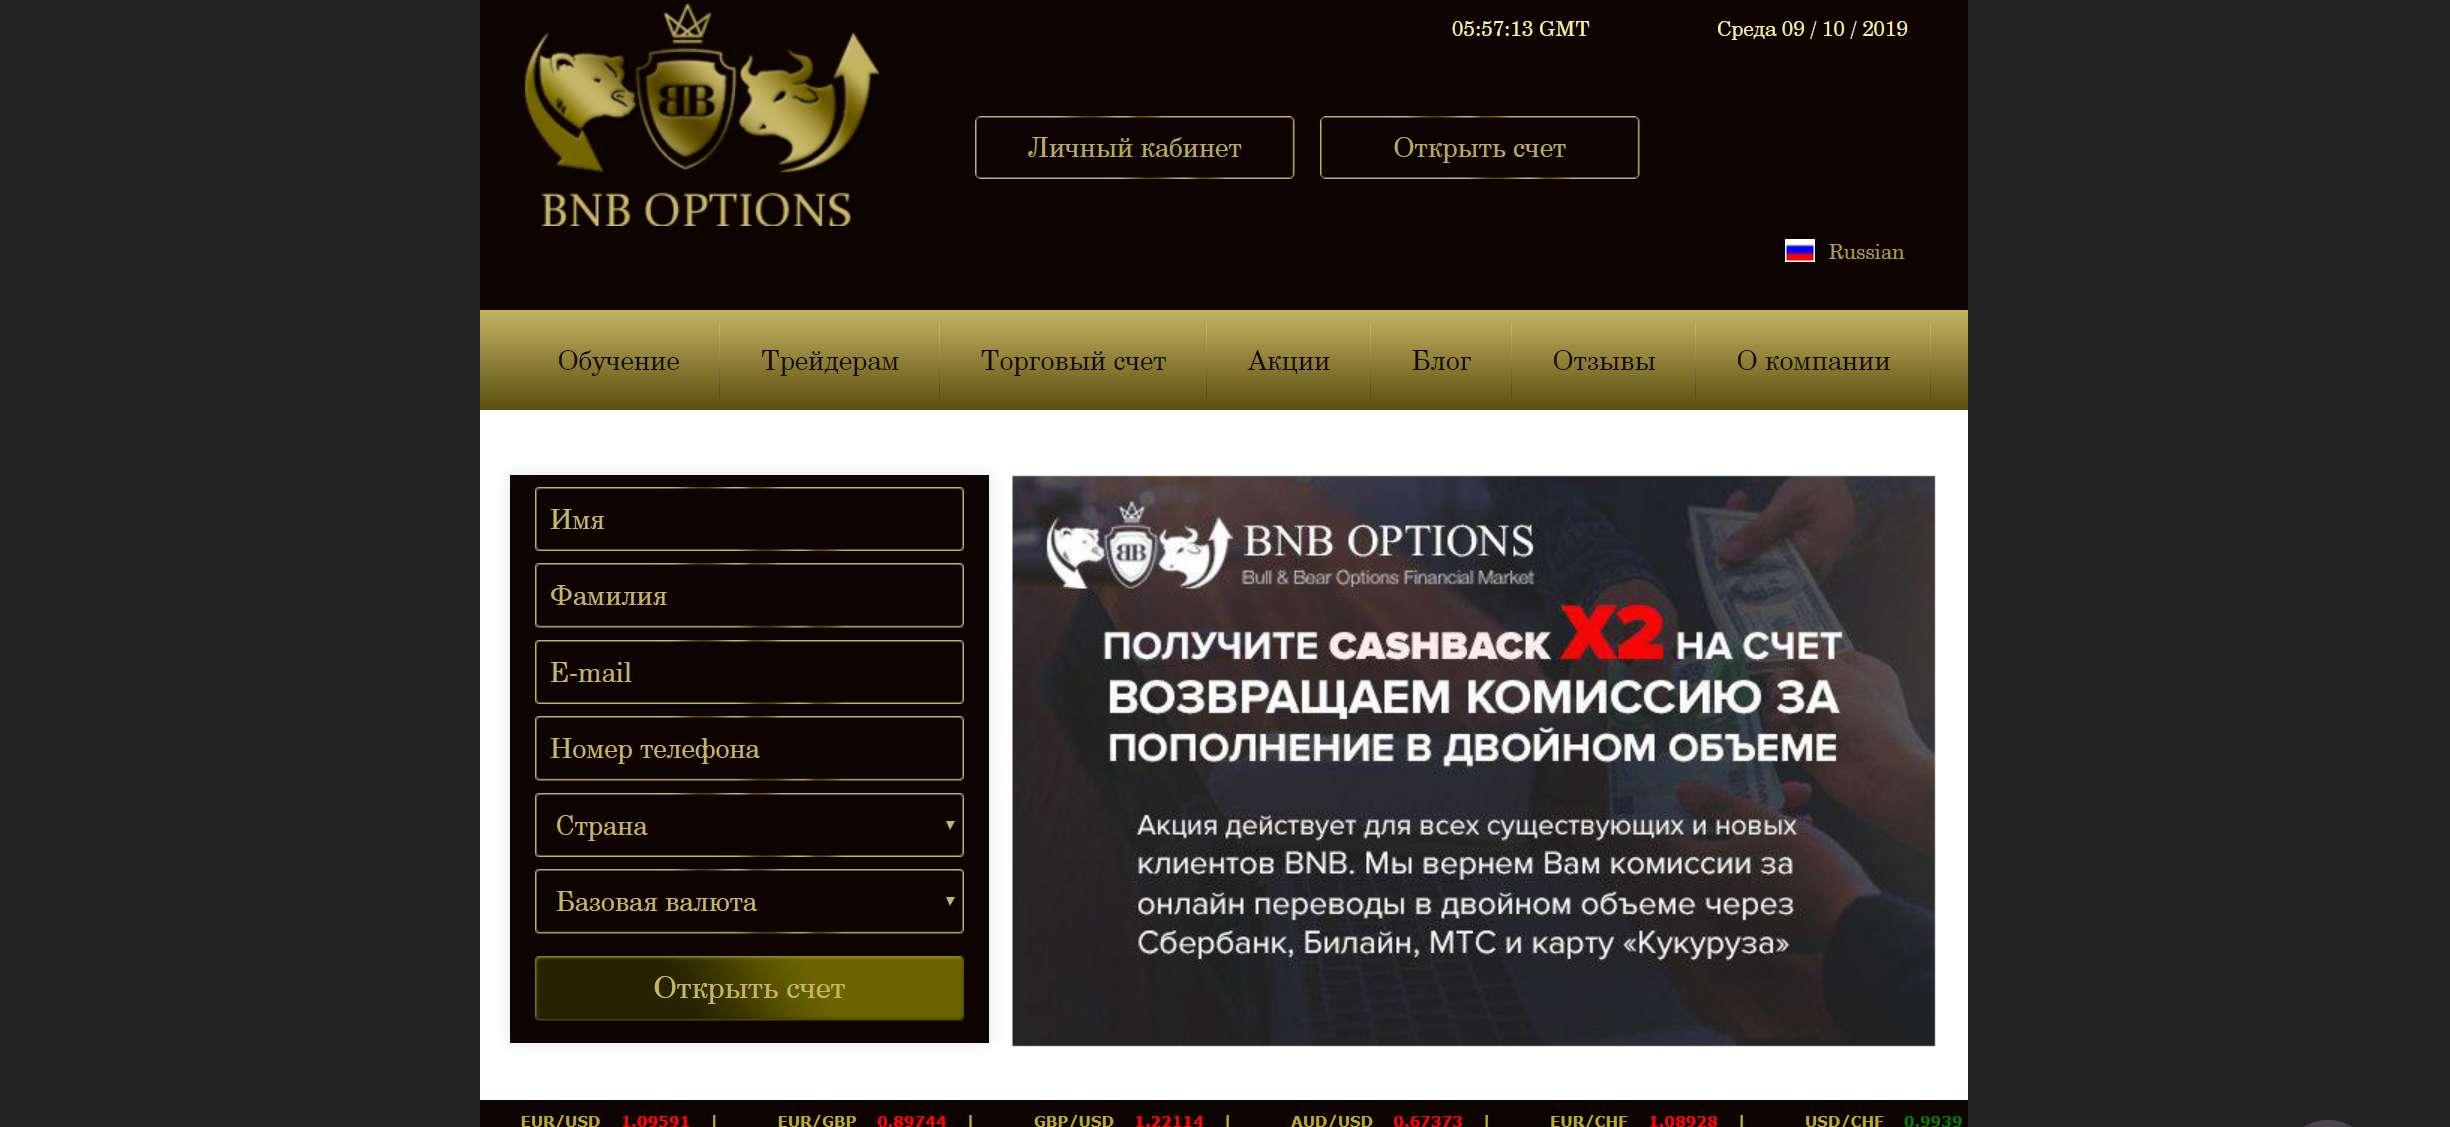 Обзор и отзывы на BNB Options: действительно честный брокер или стандартная мошенническая схема?